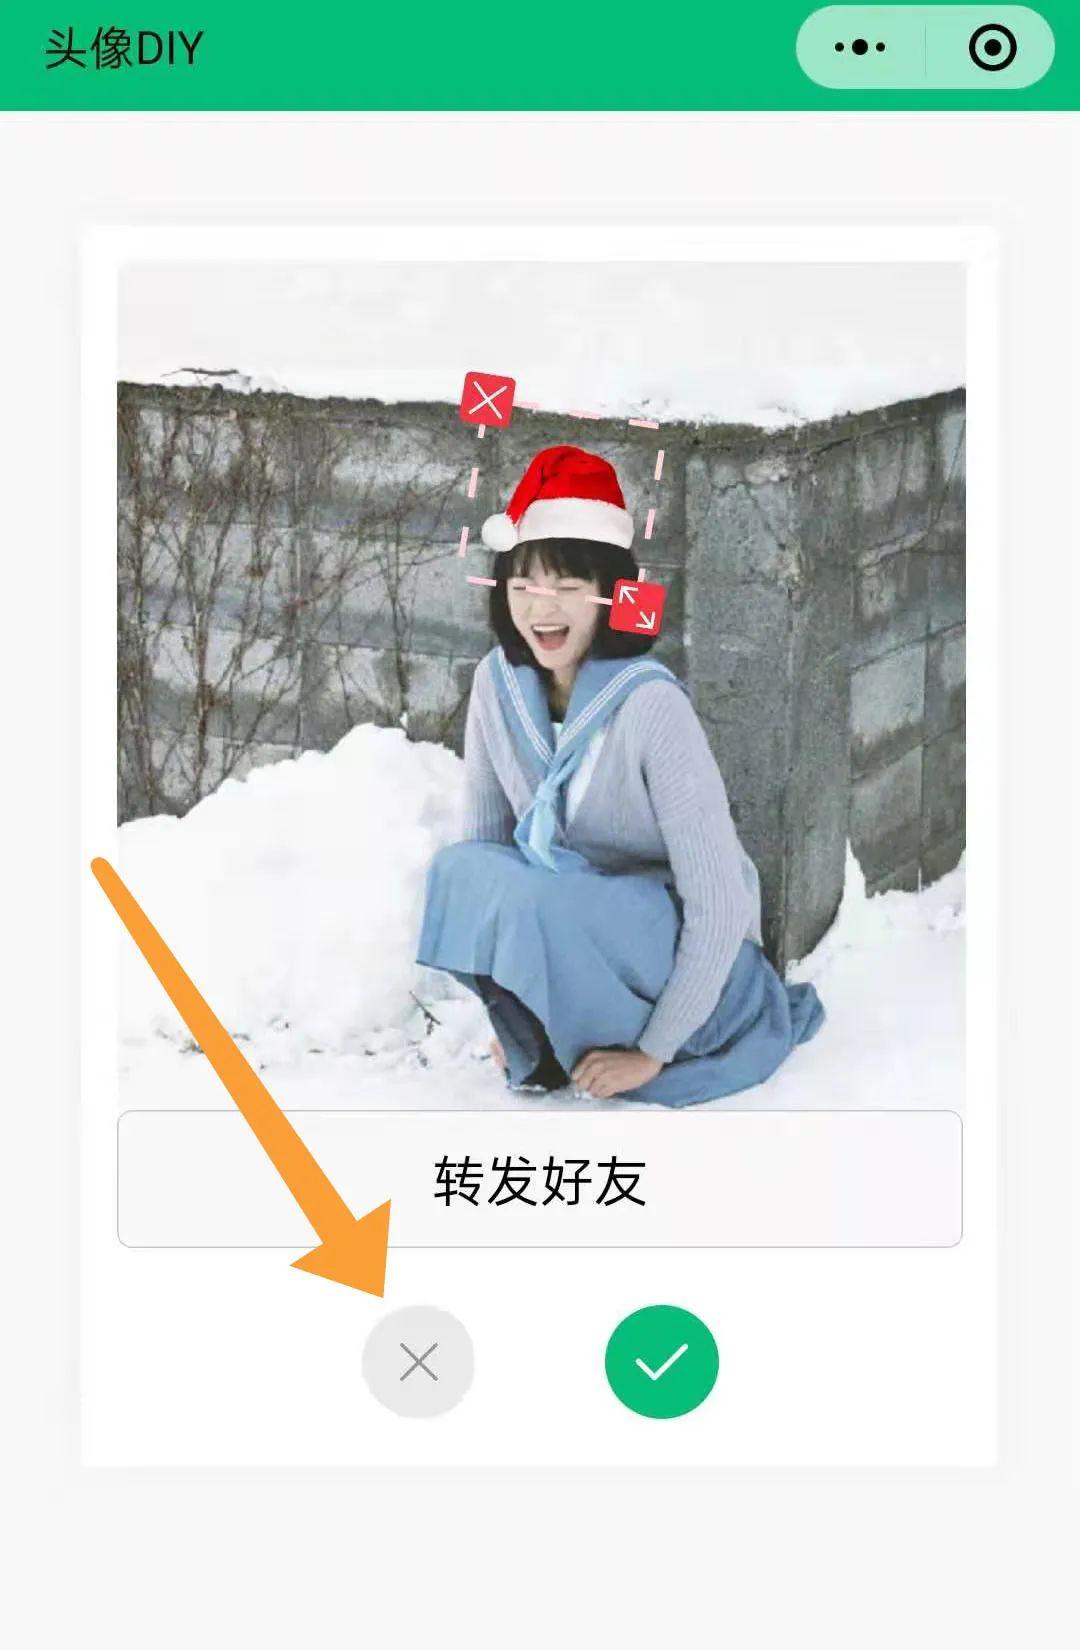 分享一款微信头像添加圣诞帽软件使用教程,换个有节日气氛的头像